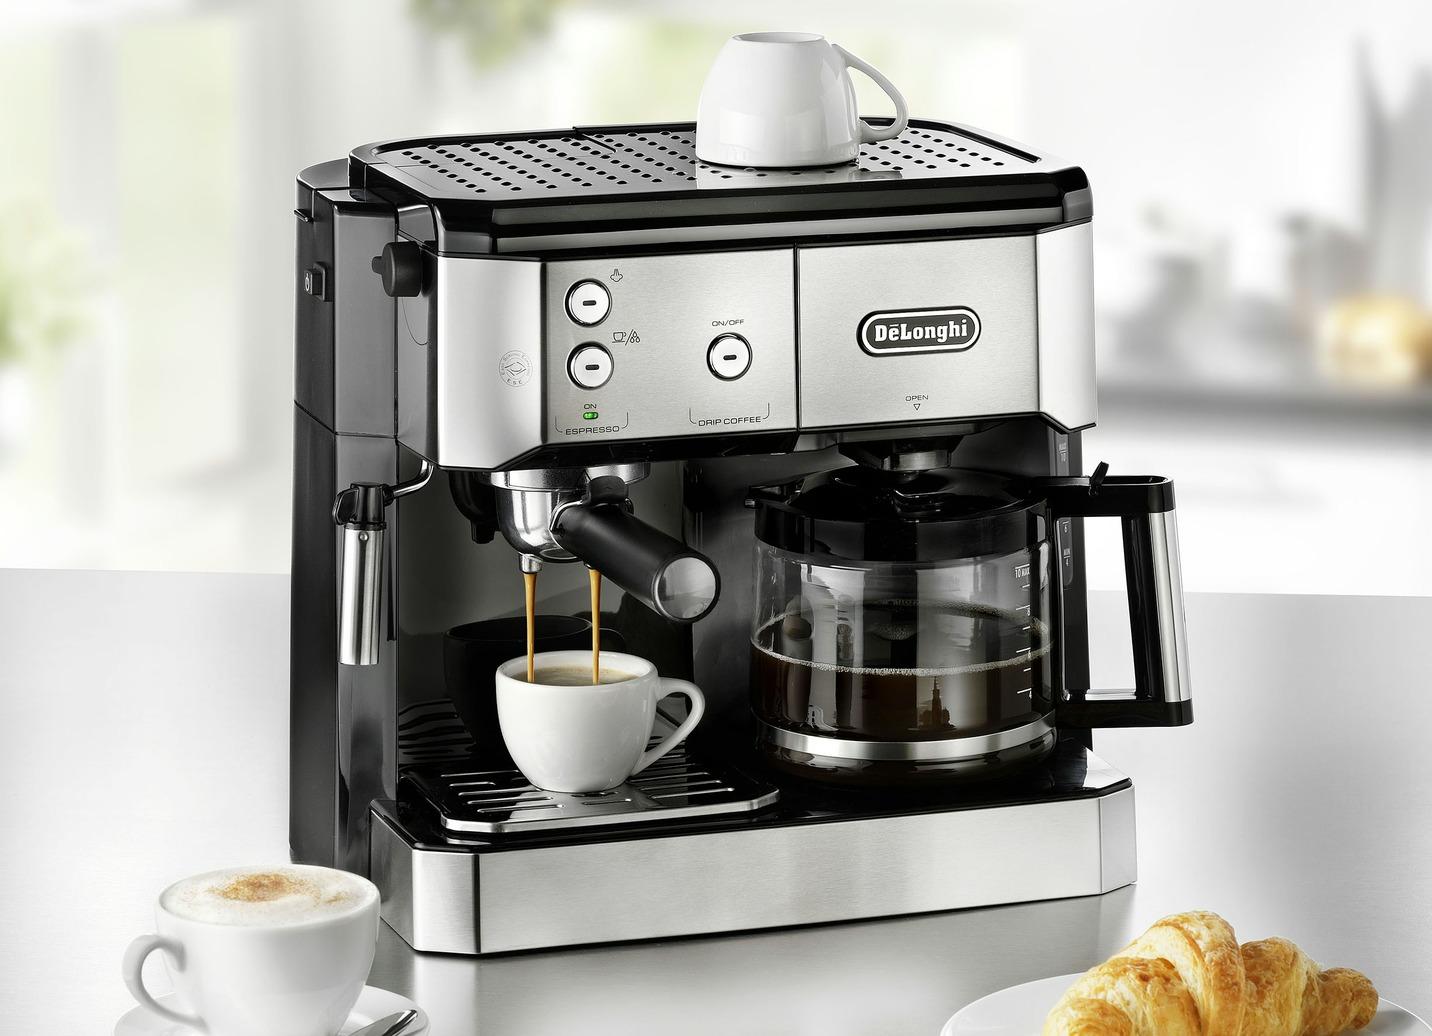 De?Longhi BCO411.B/BCO421.S Kaffee-/Espressomaschine Edelstahl Preisvergleich